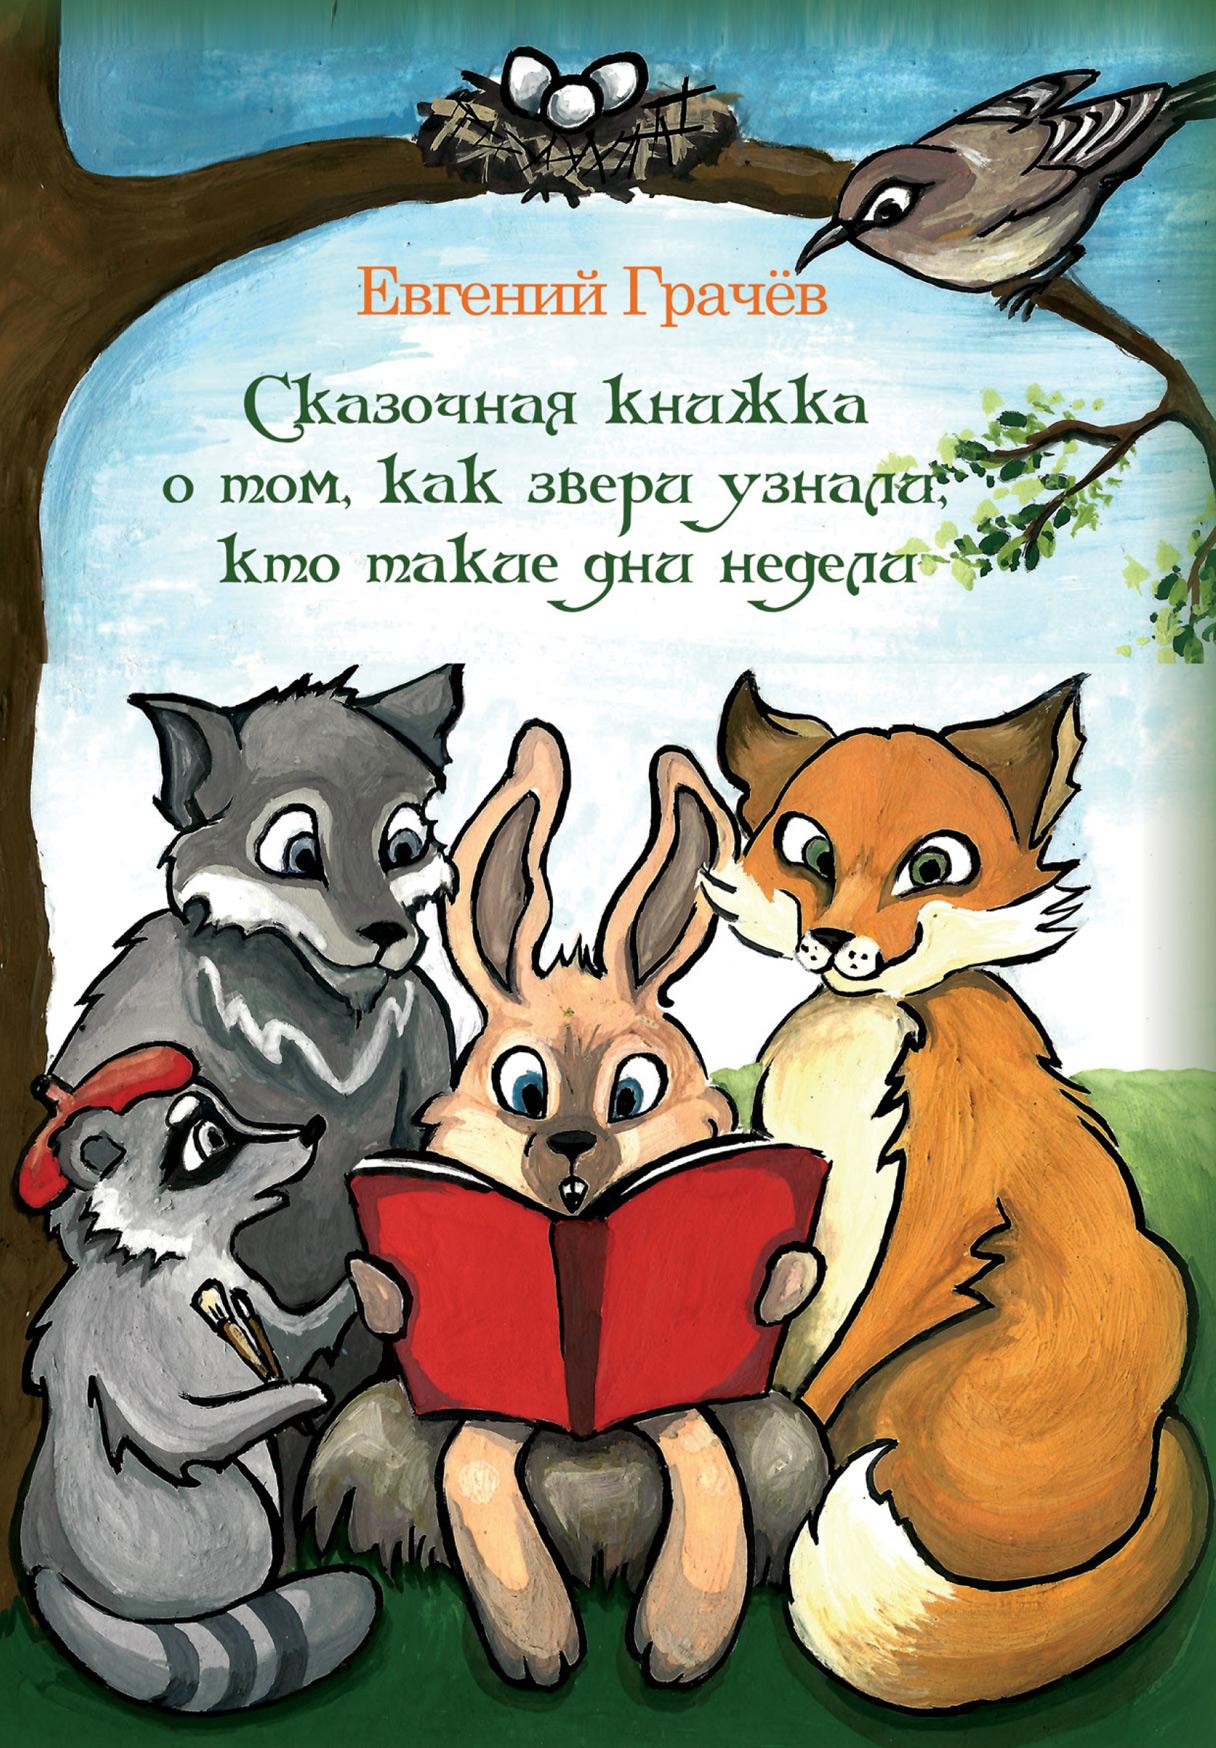 Евгений Грачёв Сказочная книжка о том, как звери узнали, кто такие дни недели денис александрович грачёв о